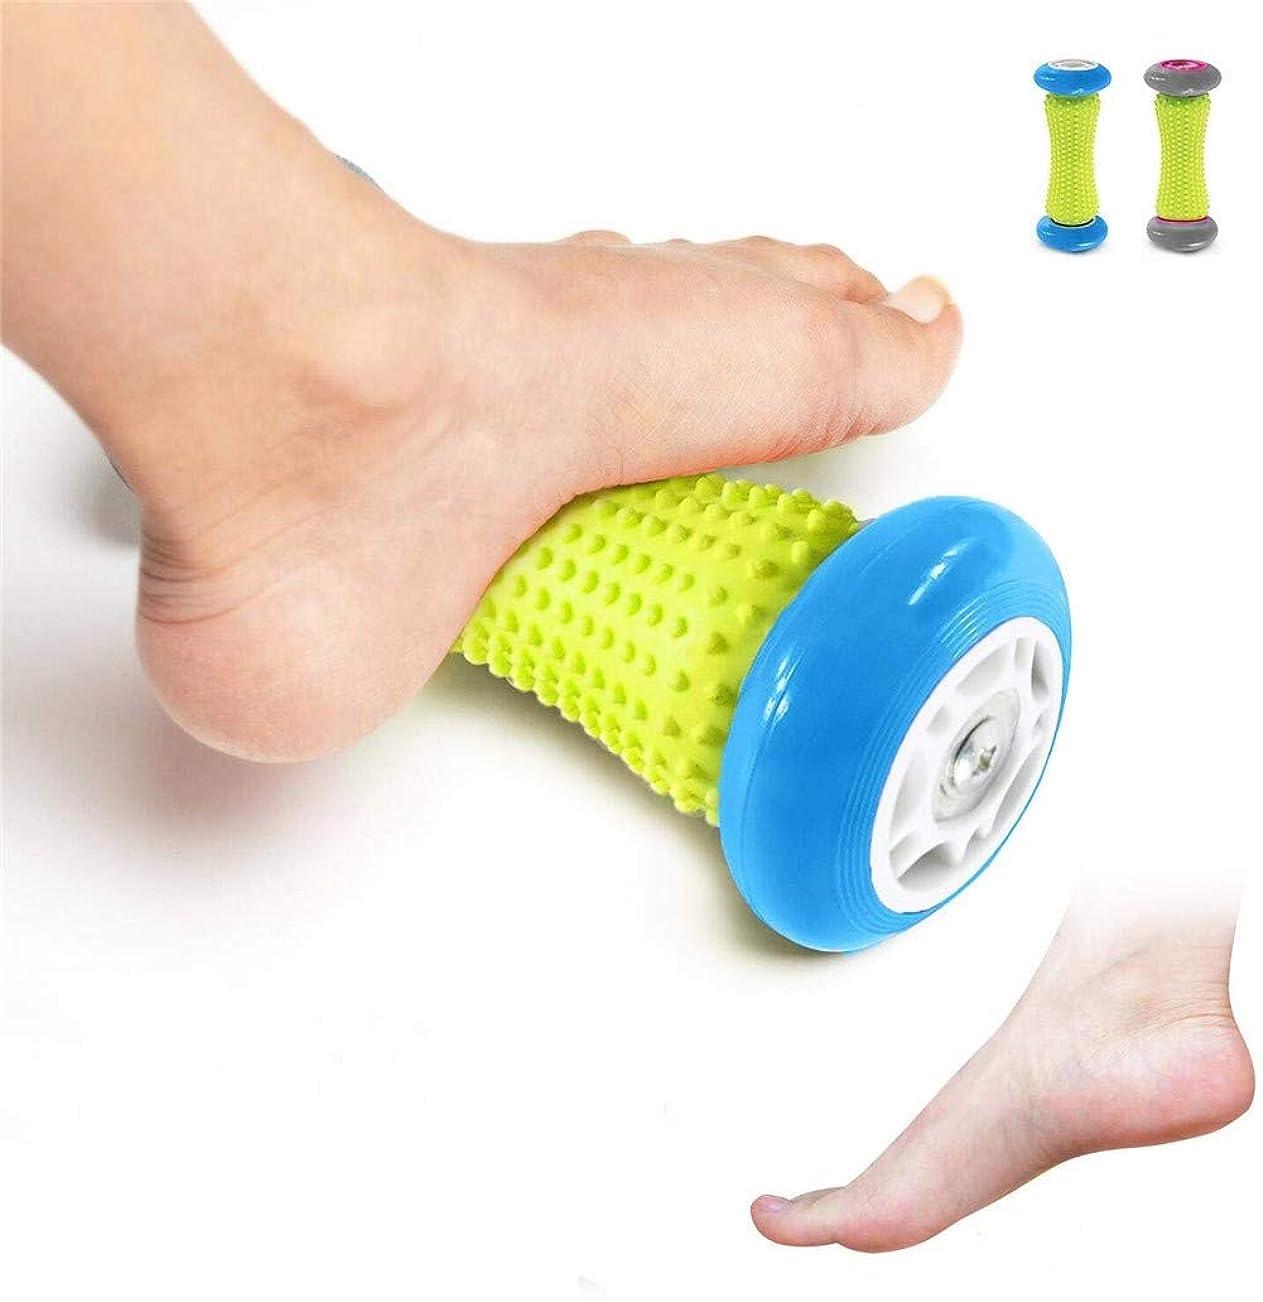 レギュラーロビー頭蓋骨フットマッサージローラー - 筋肉ローラースティック - 足底筋膜炎のための手首と前腕運動ローラー (Color : 青)